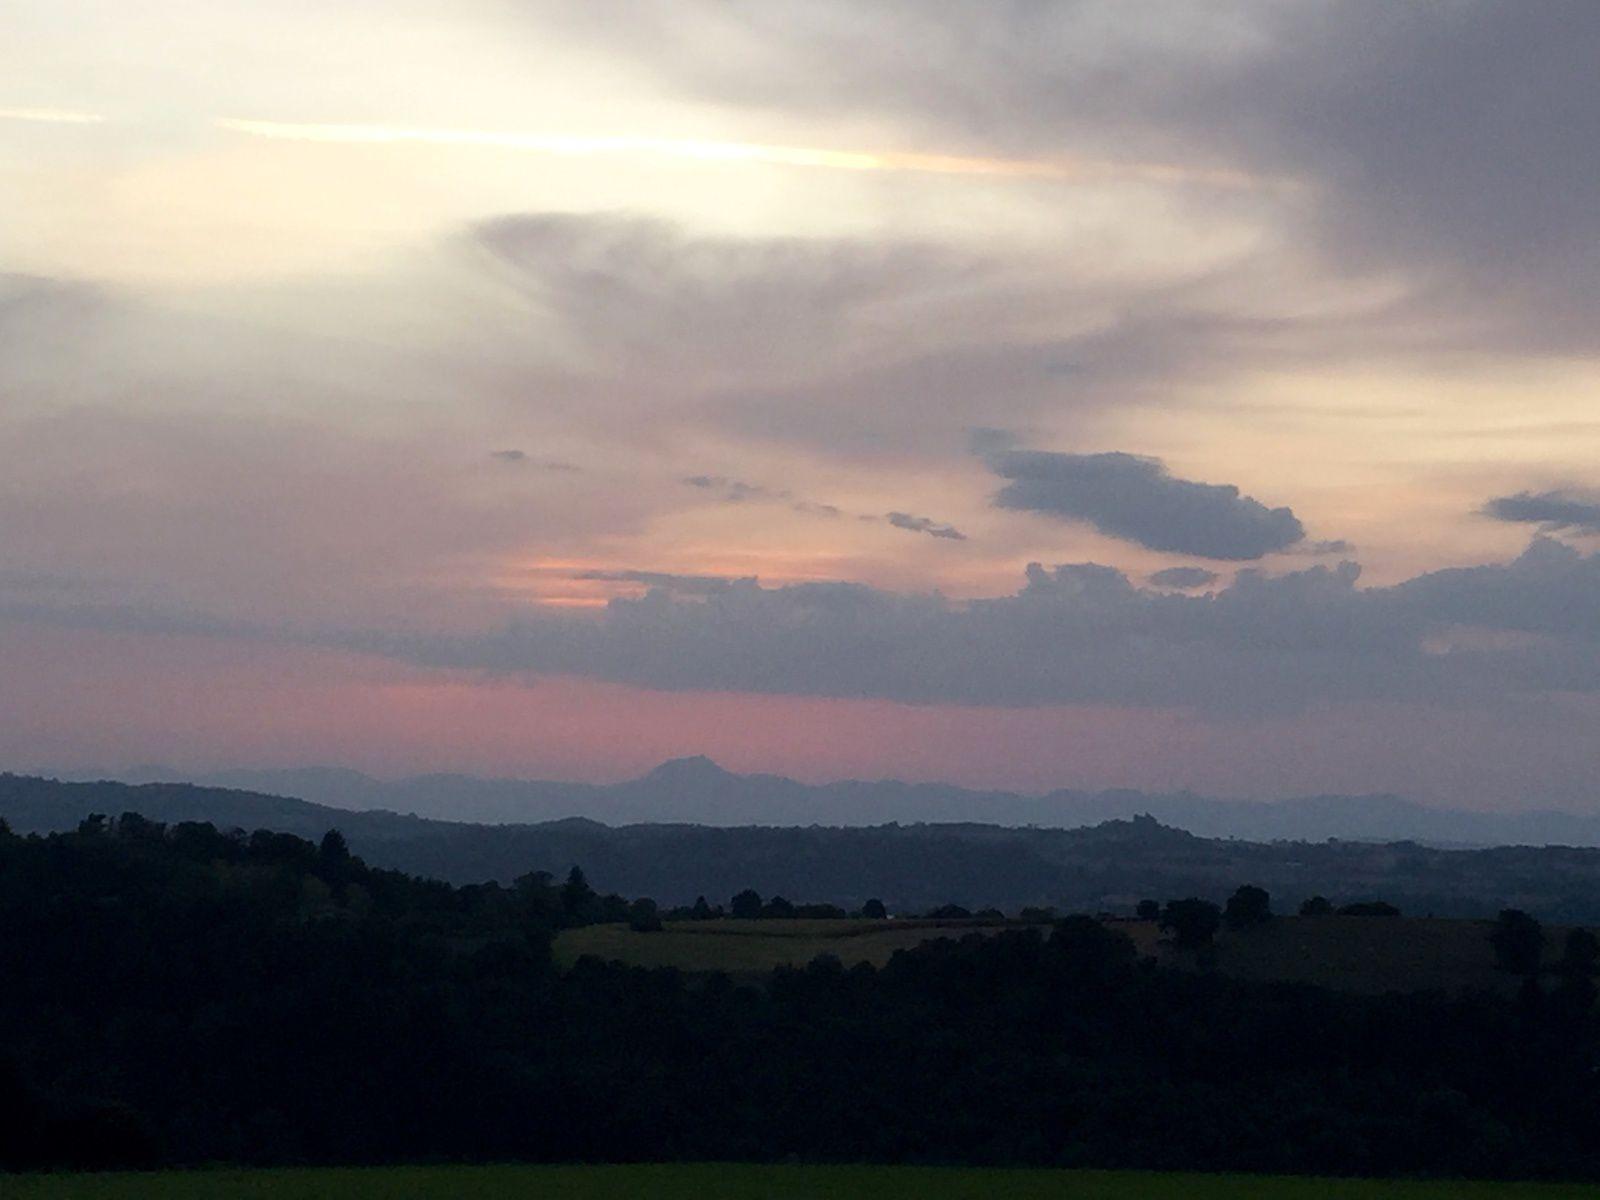 Côté Nord ou côté Sud, on trouve toujours un endroit agréable pour déjeuner ou dîner dehors. Les balades du soir sont aussi le moment idéal pour profiter du paysage et ciels.